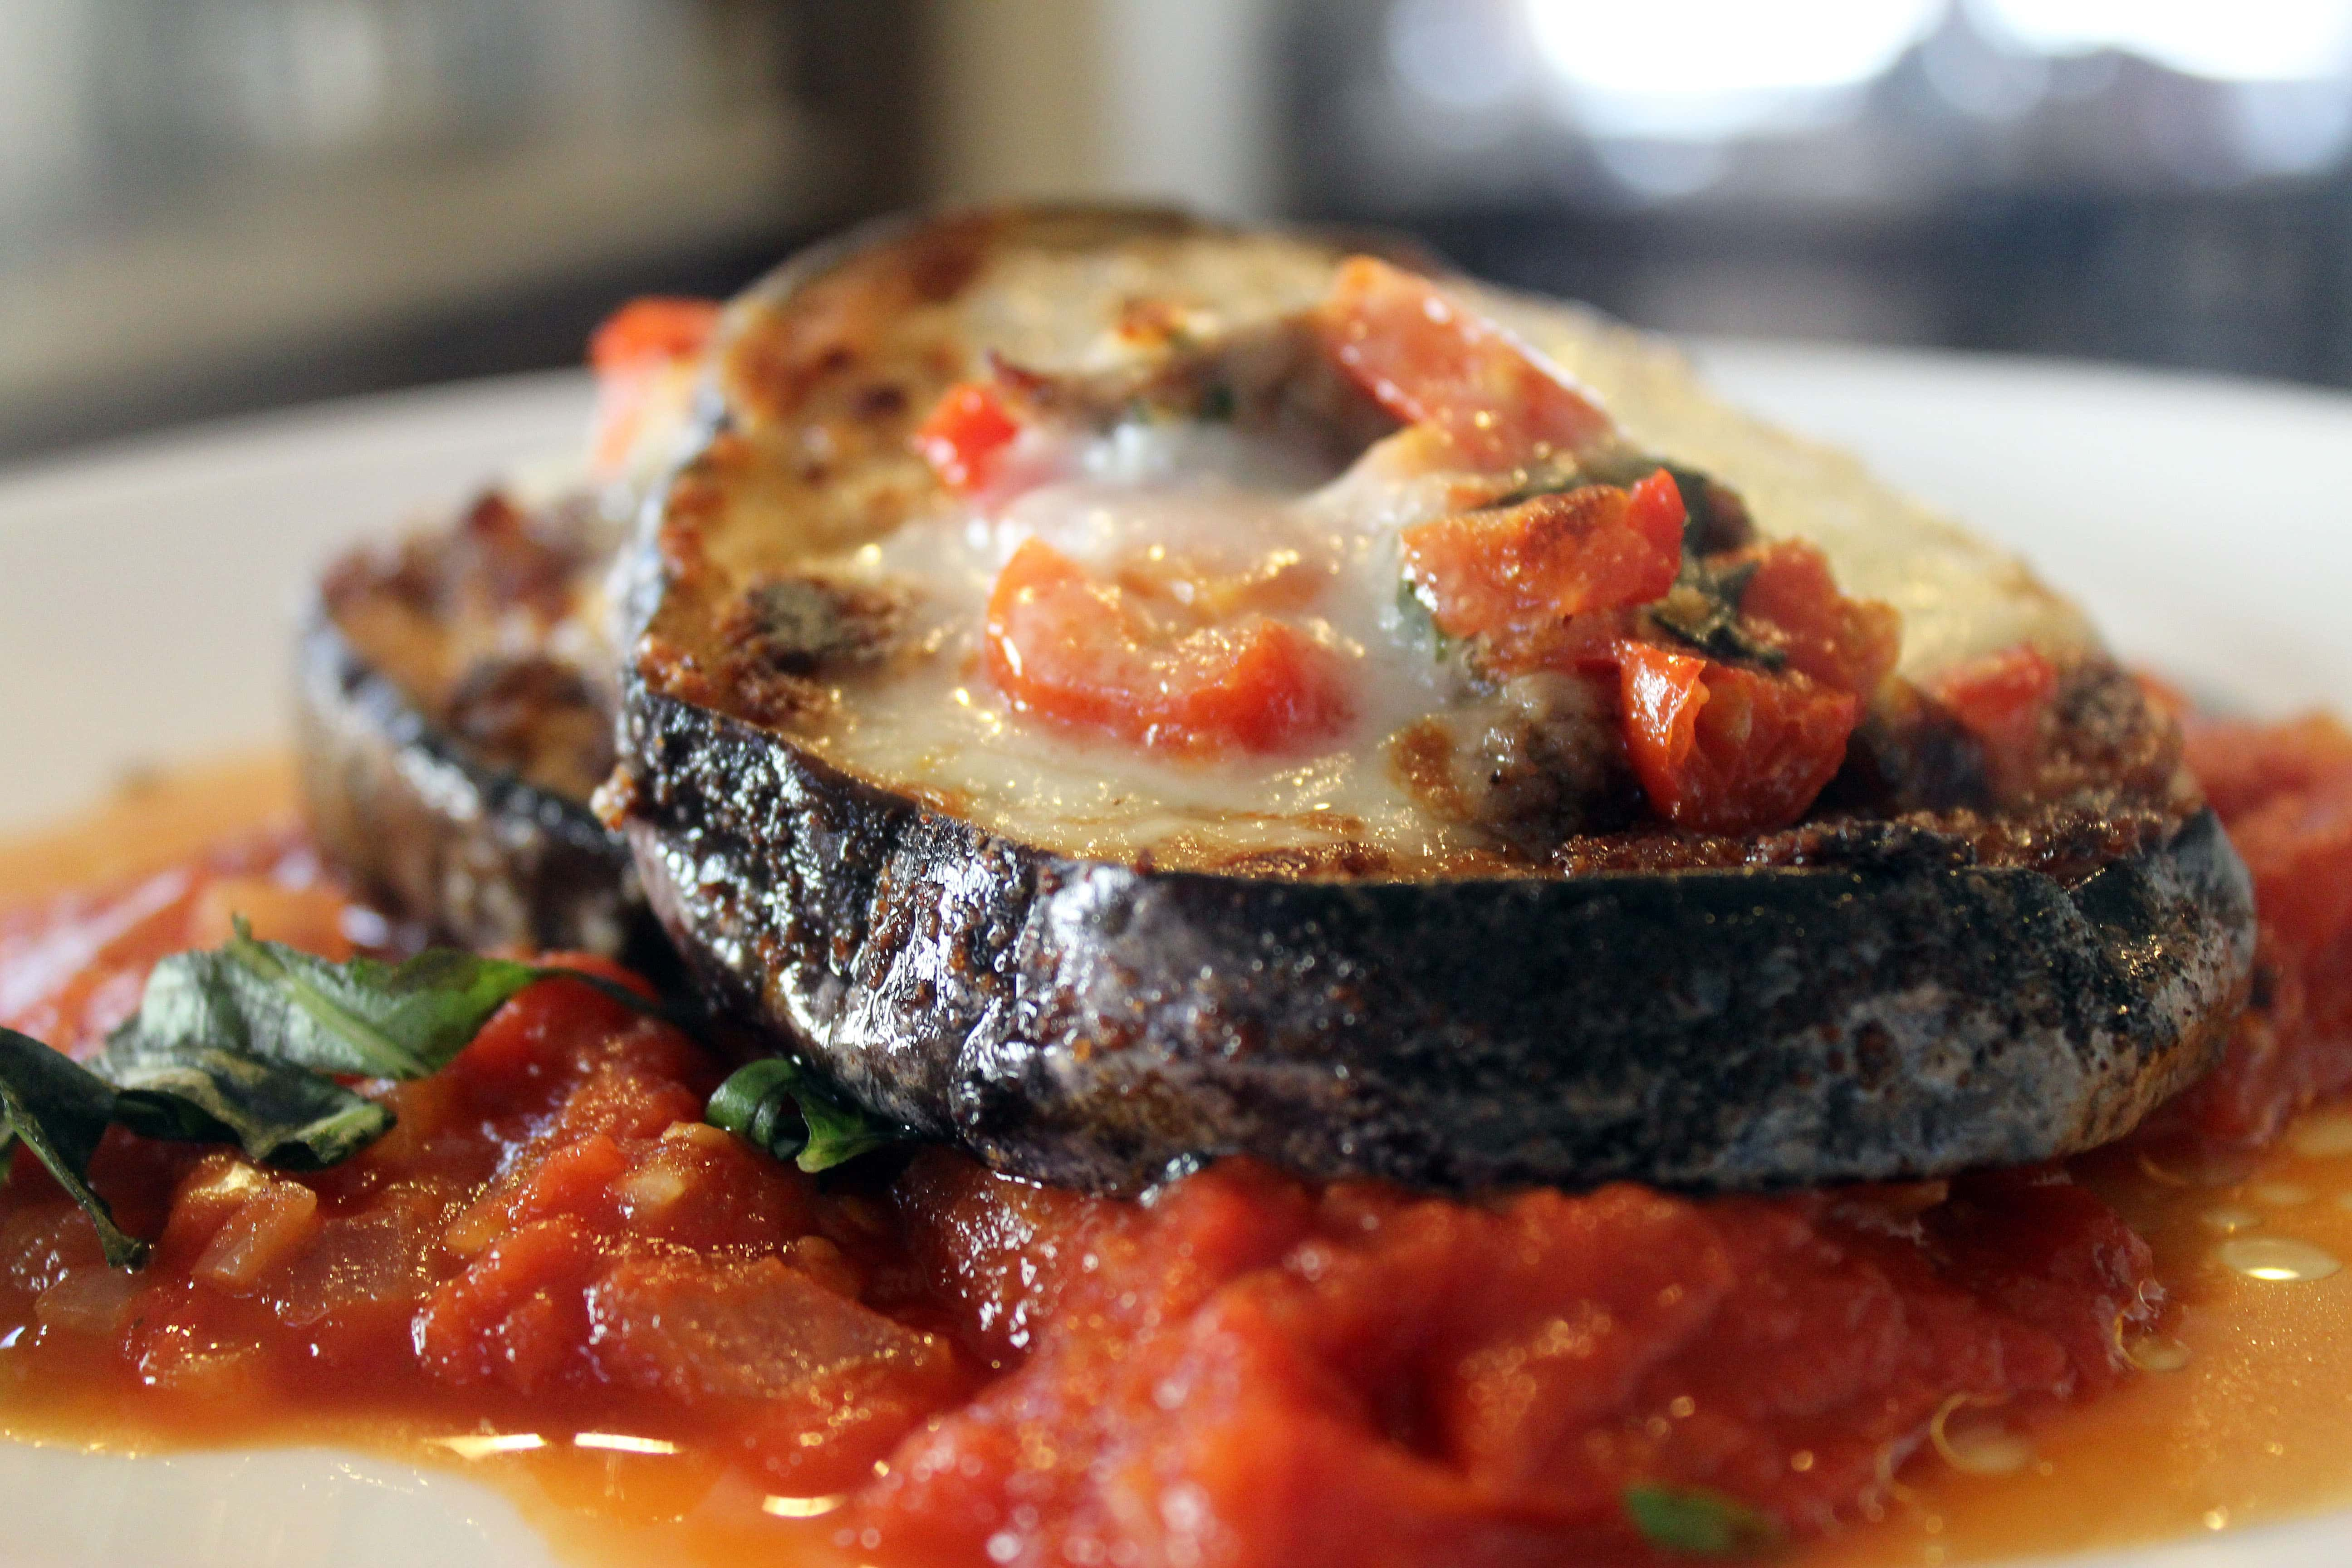 Bruscetta over eggplant parm